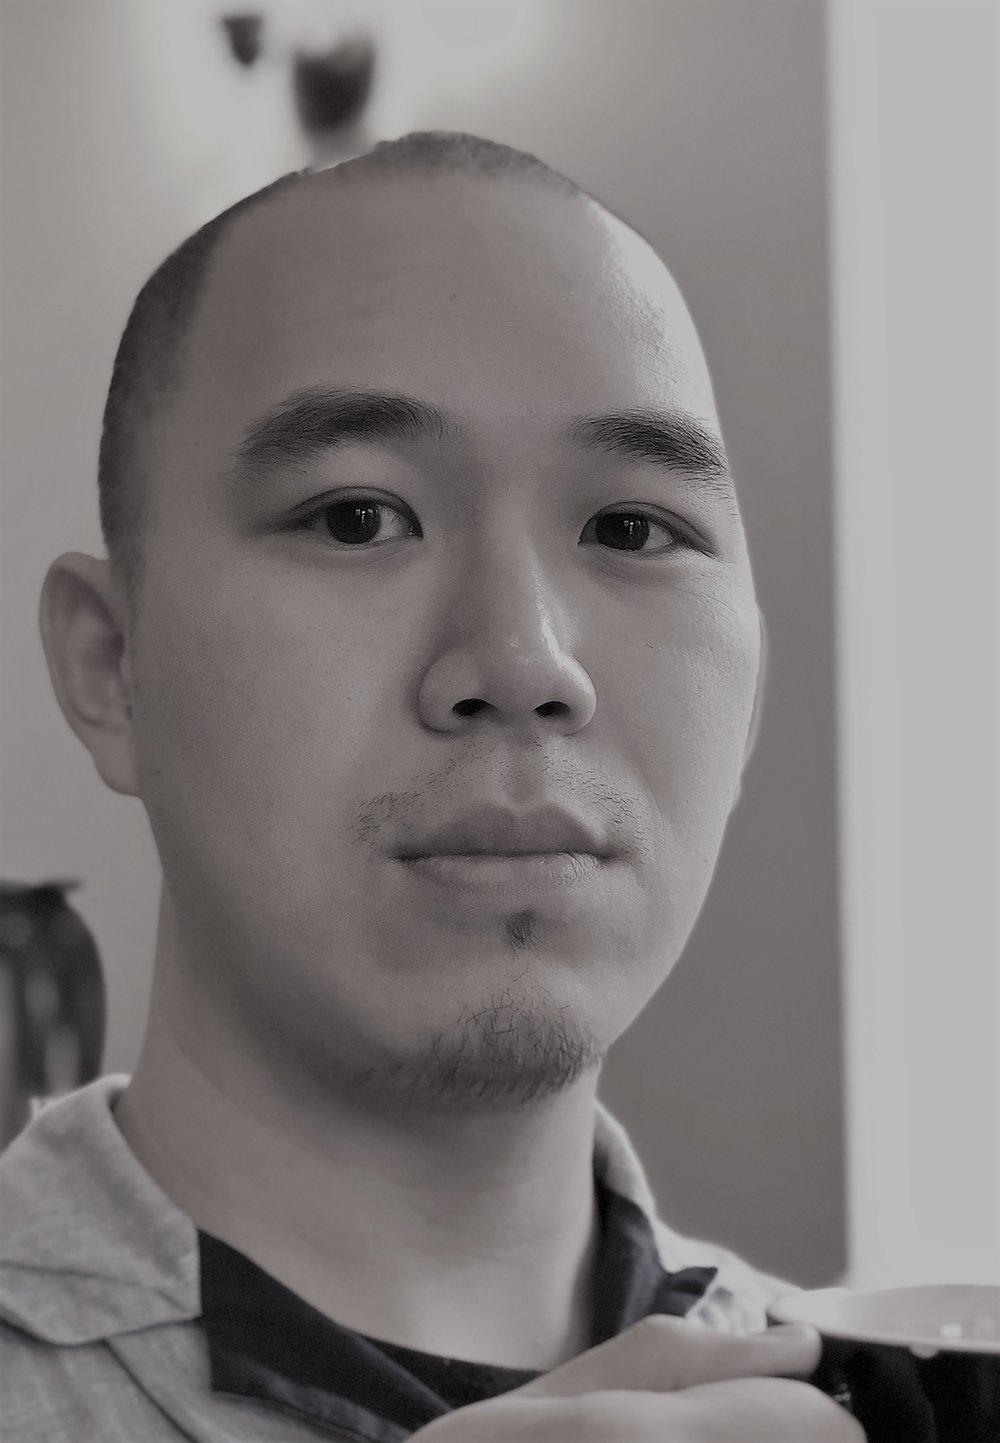 Eric William Lin